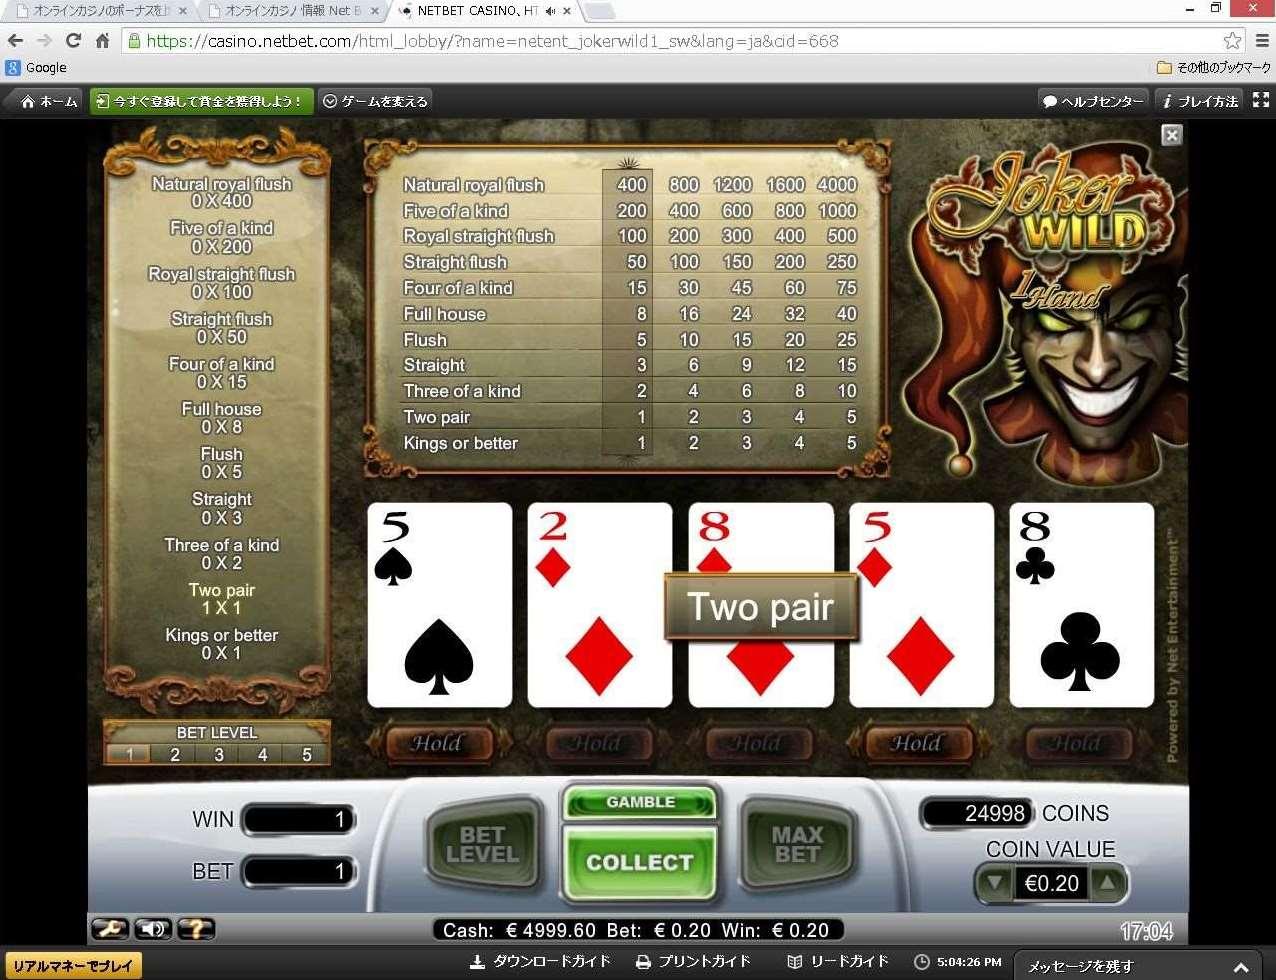 1H Joker Wild3